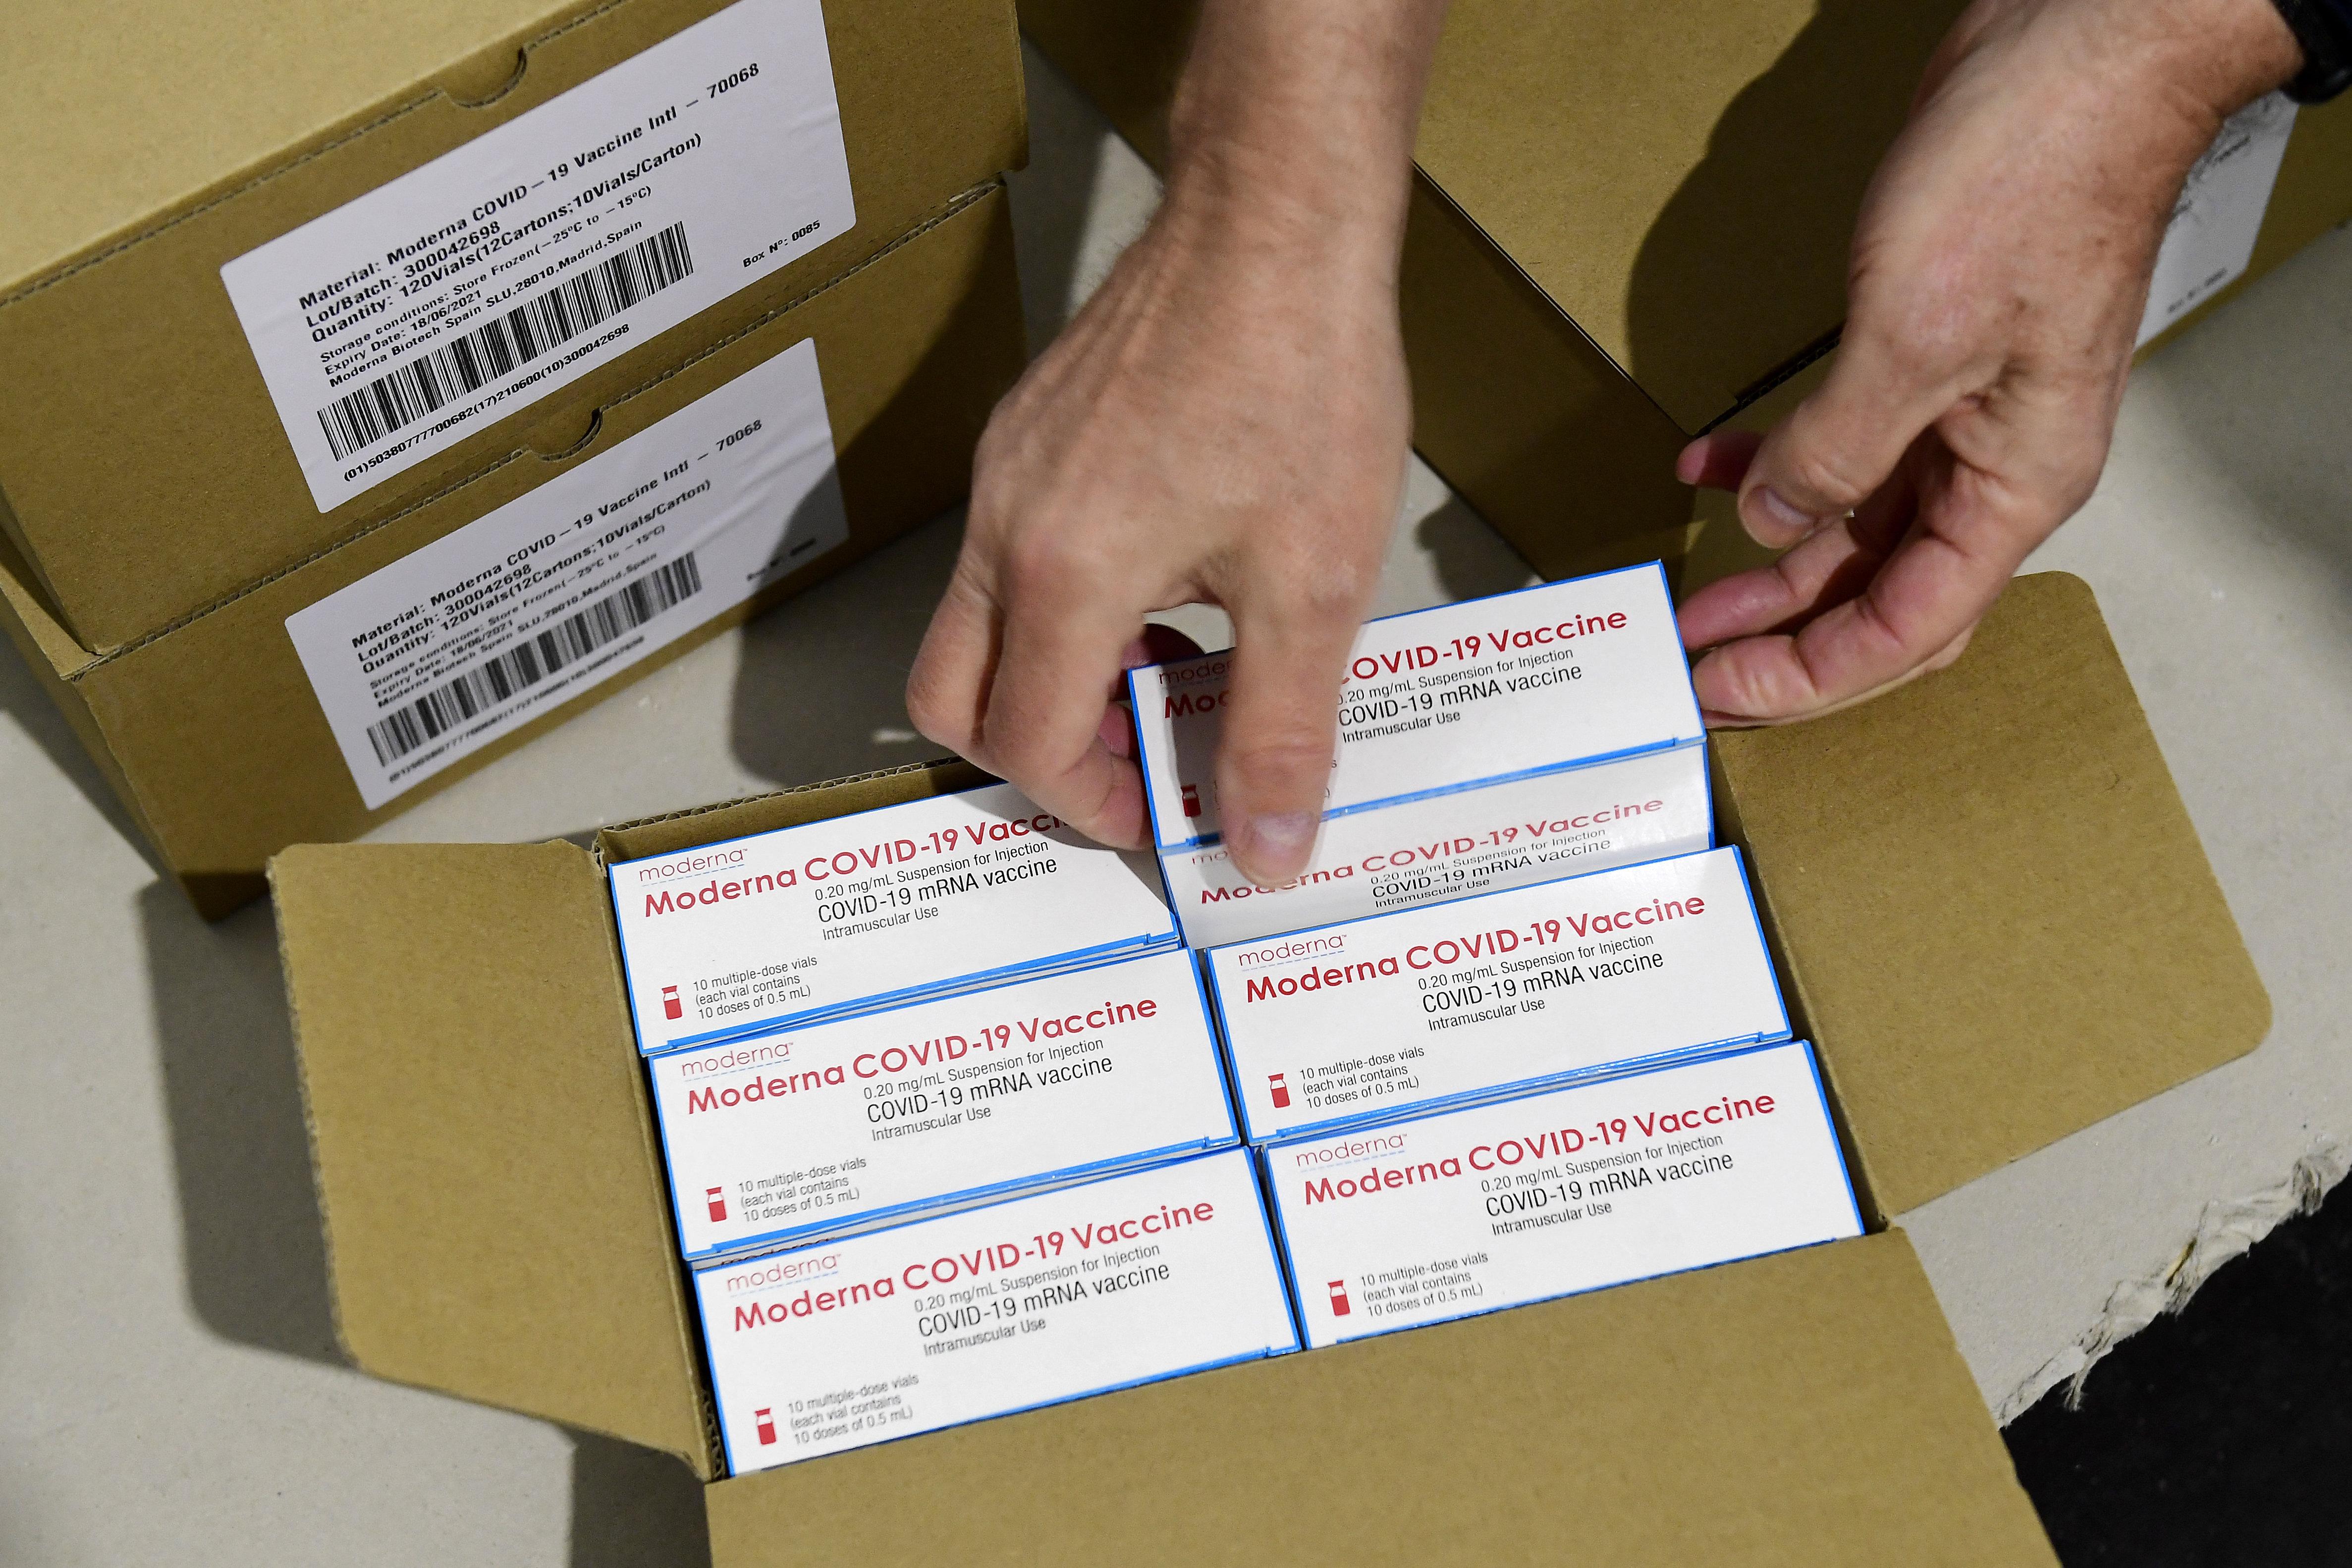 Az Egyesült Államok 2,5 millió adag vakcinát küld Tajvannak, de Kína ennek nem fog örülni